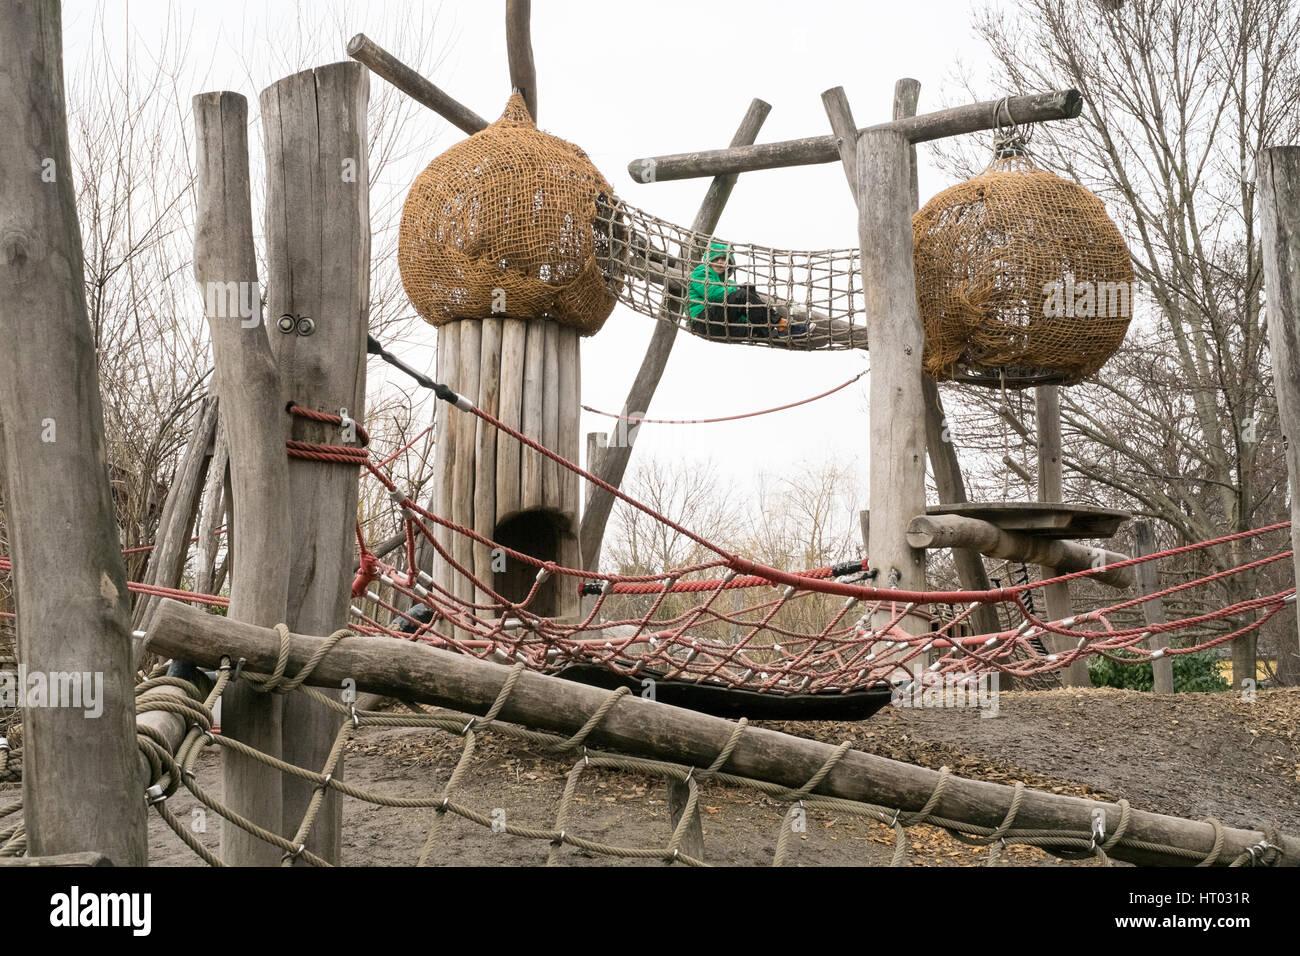 Children's playground climbing frame at Schönbrunn Zoo,Vienna, Austria, Europe. Stock Photo